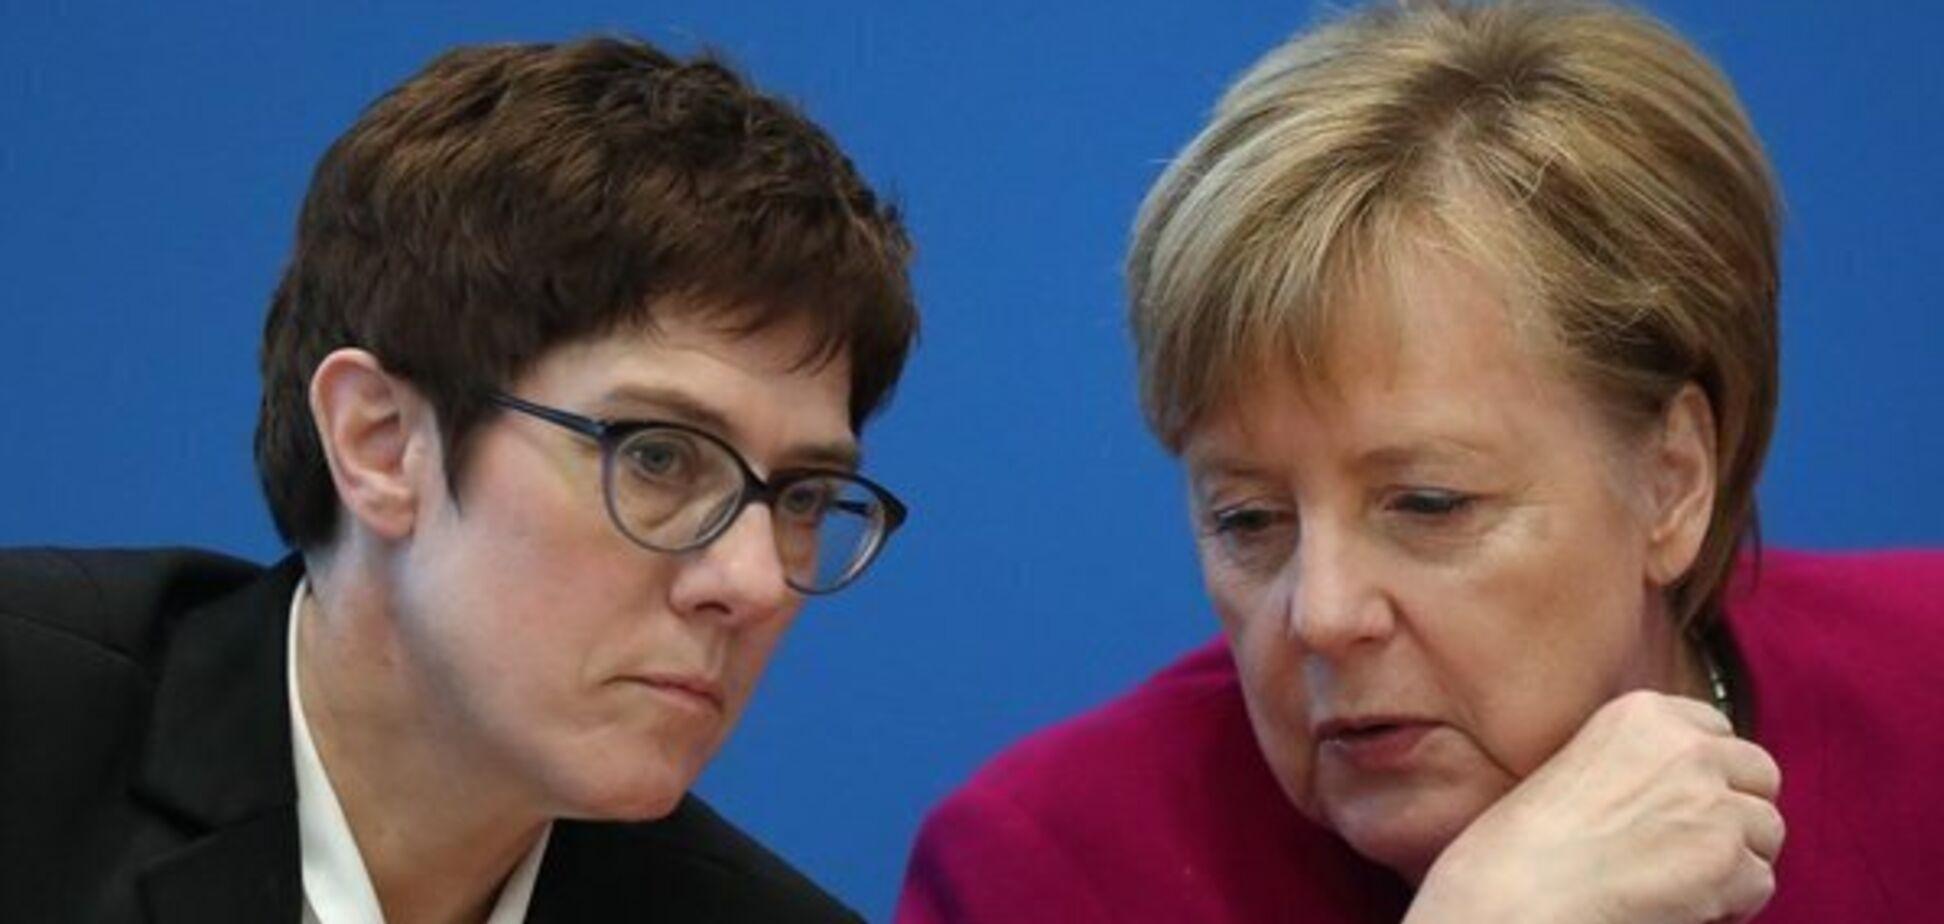 Преемница Меркель отказалась претендовать на пост канцлера Германии